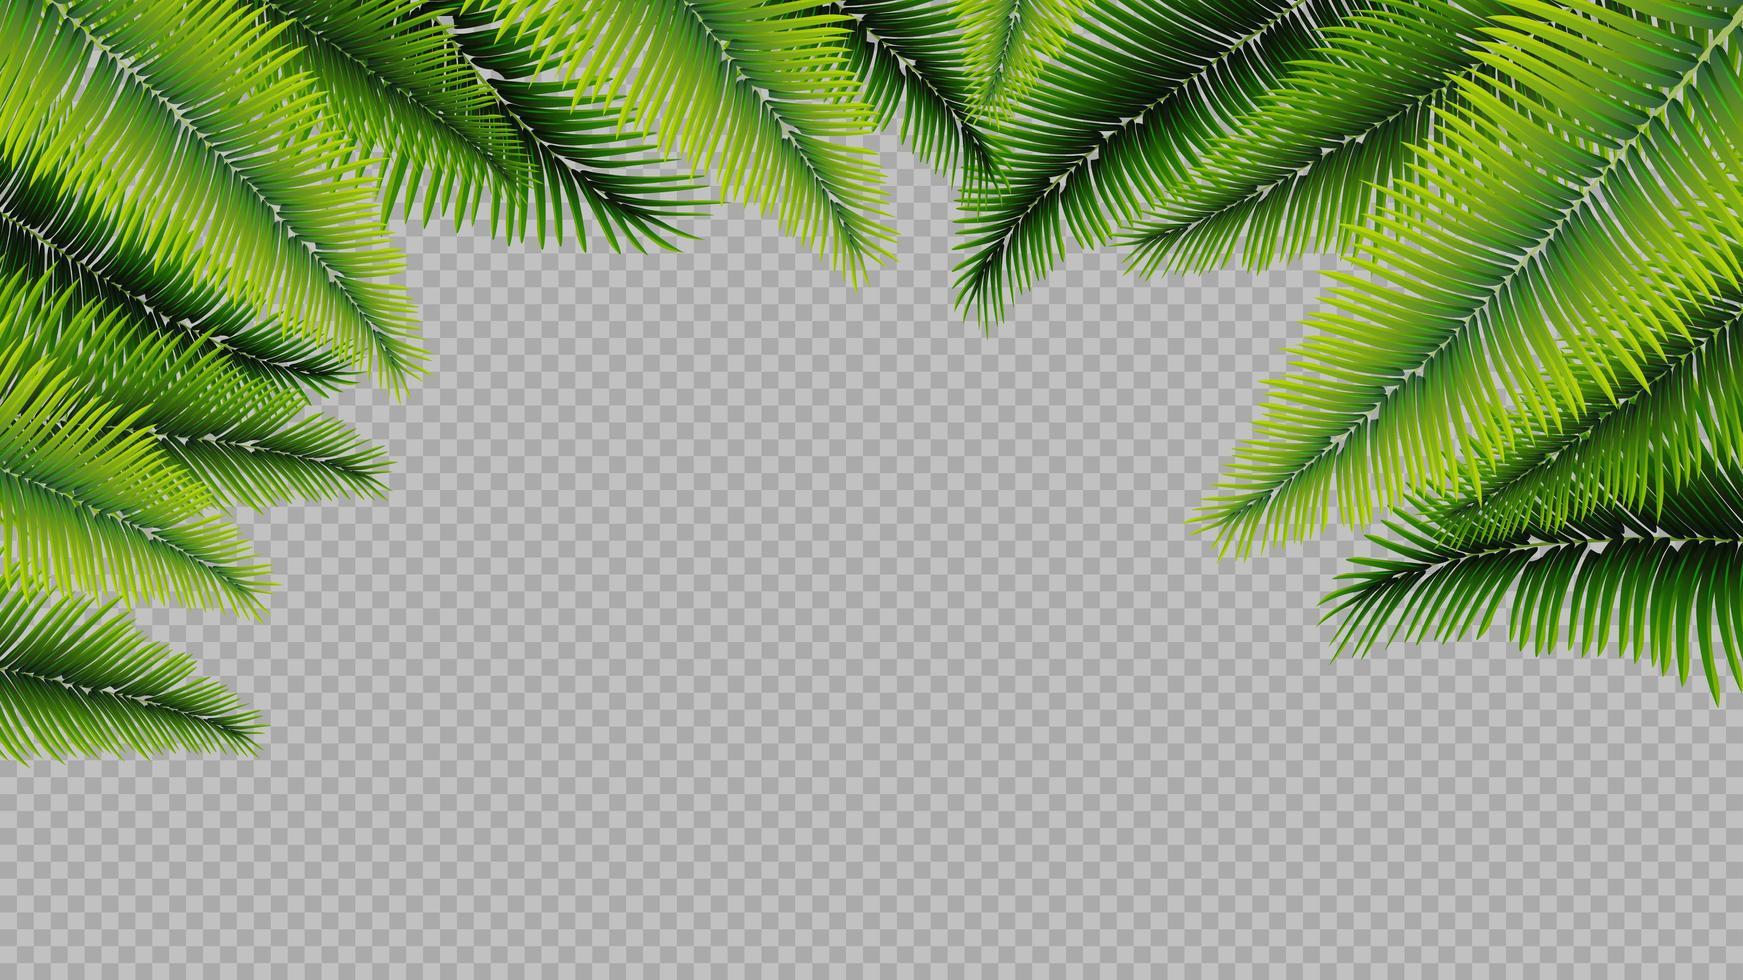 frame gemaakt van palmbladeren in een realistische stijl vector